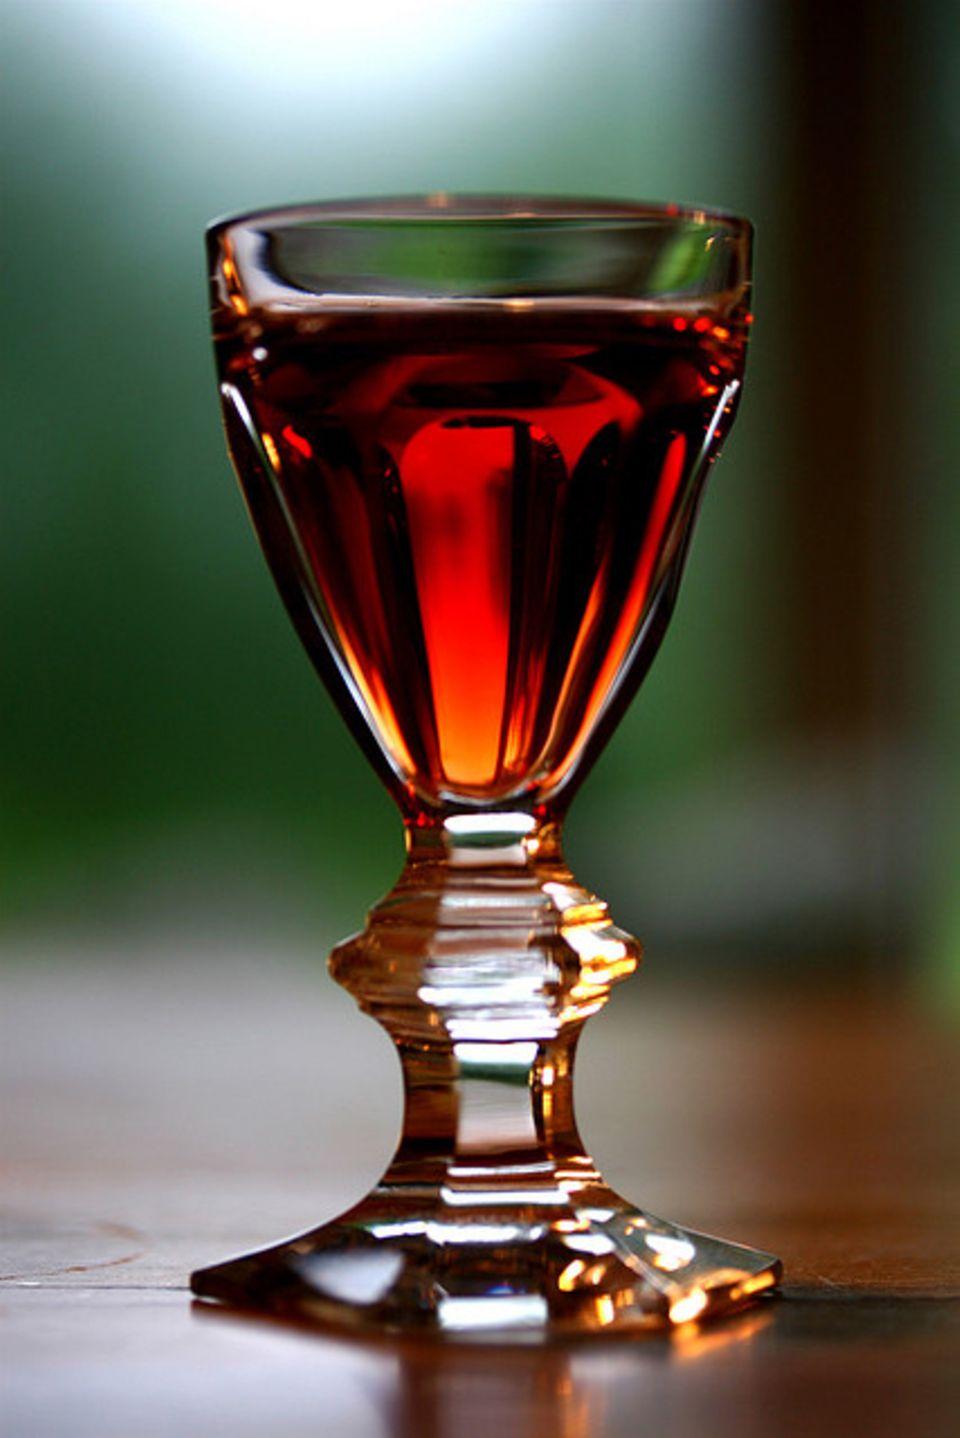 Portwein hat je nach Sorte eine unterschiedliche Farbe